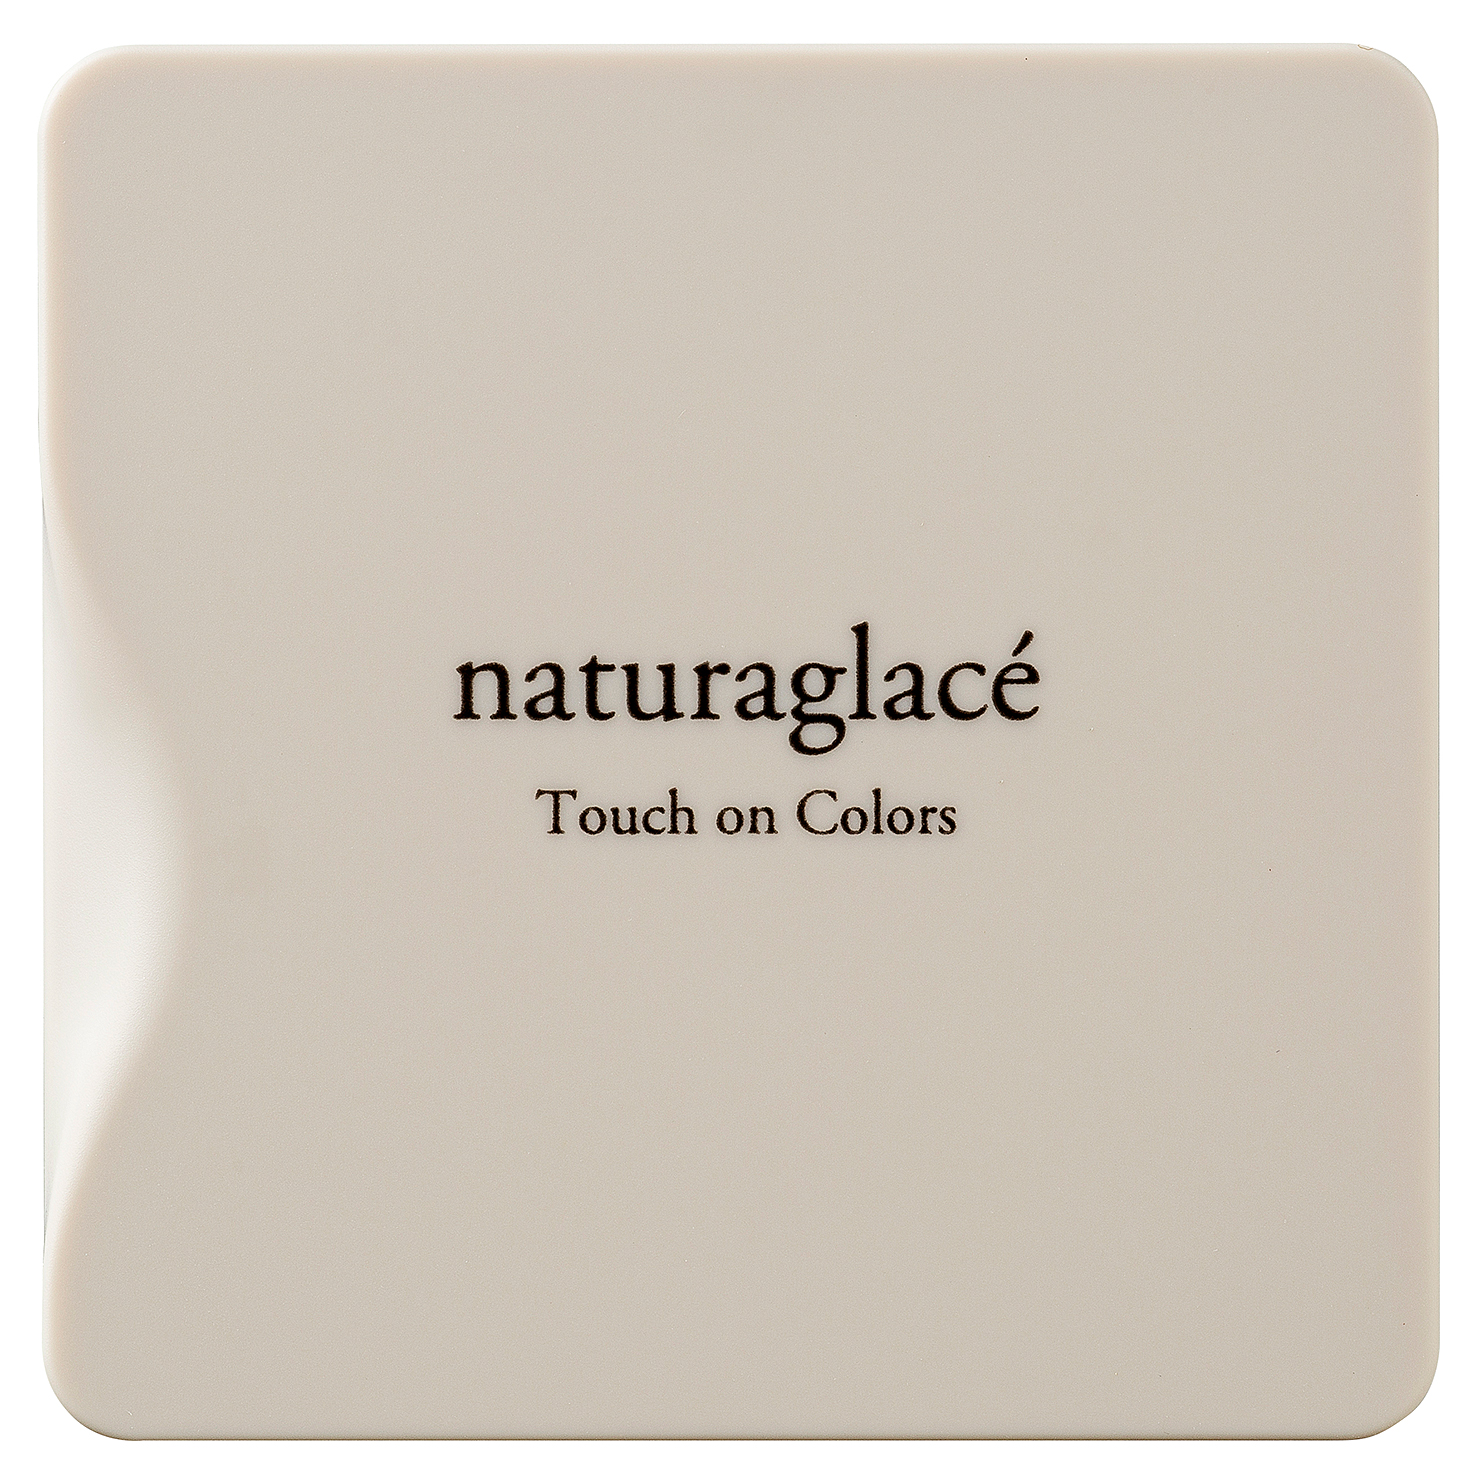 【ナチュラグラッセ】同サイズ・他製品との間違い防止に向けた取り組み